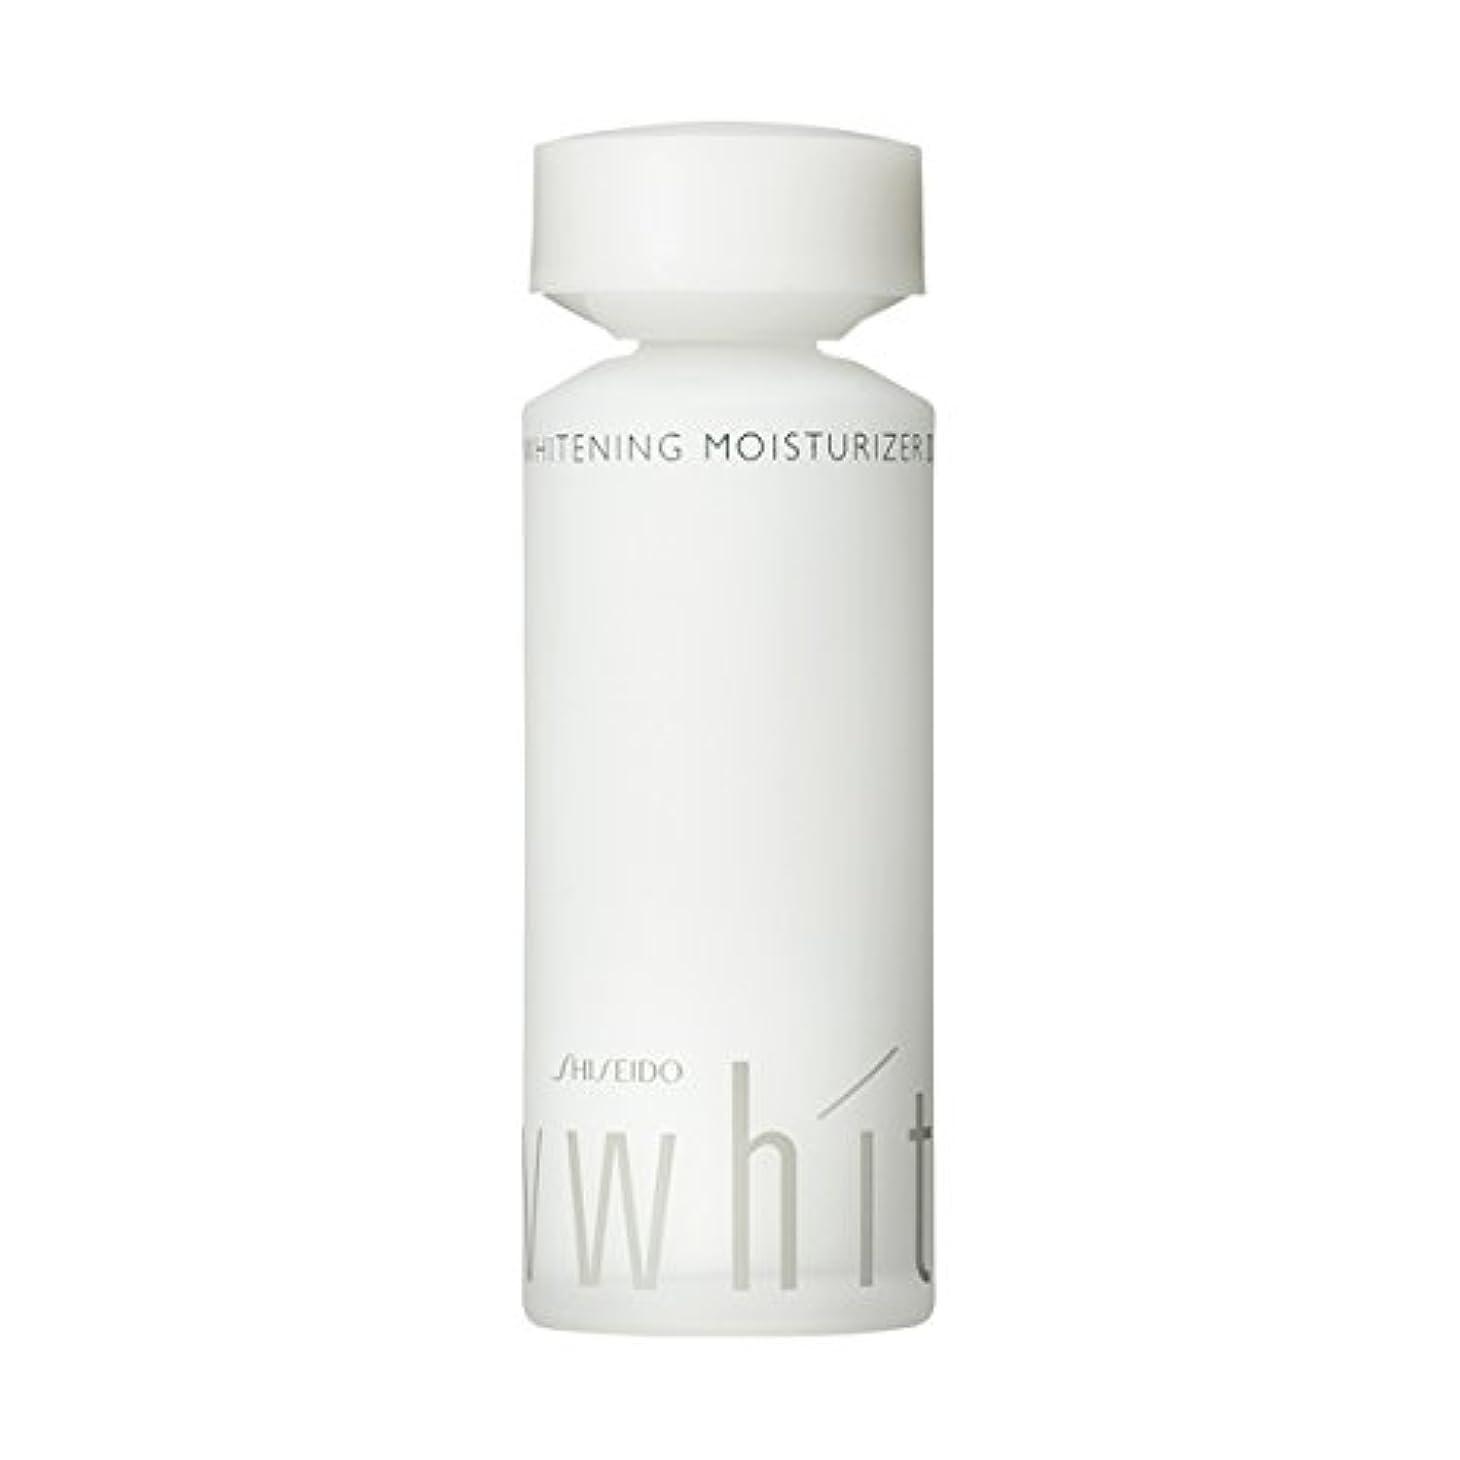 アイロニーダーリンヒールUVホワイト ホワイトニング モイスチャーライザー 2 100mL 【医薬部外品】